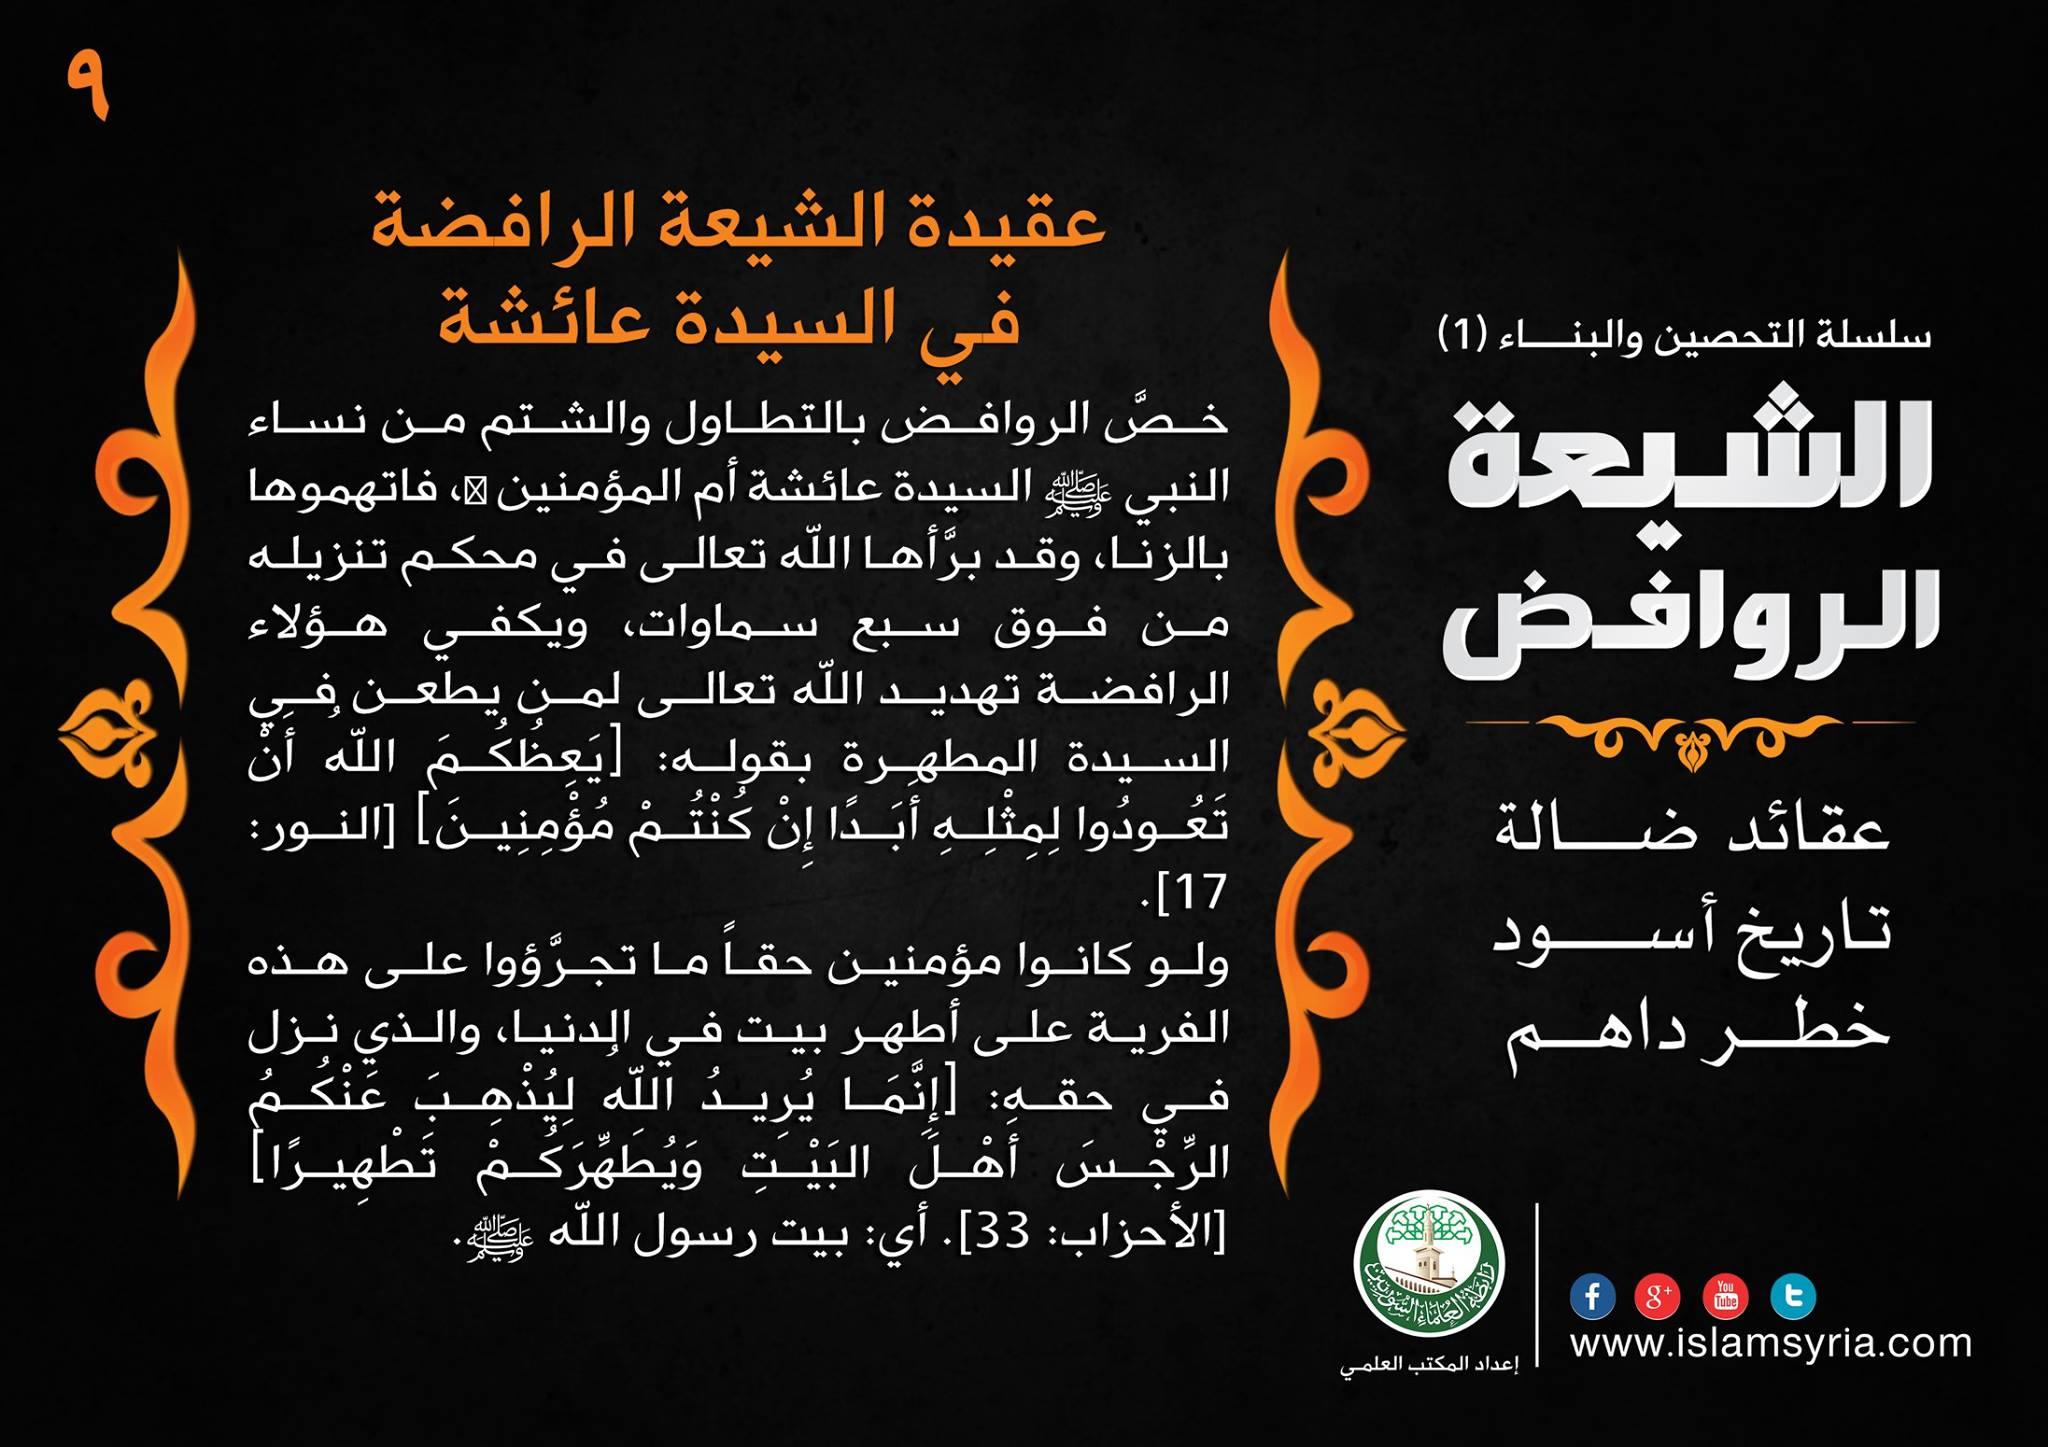 سلسلة التحصين والبناء -9- الشيعة الروافض